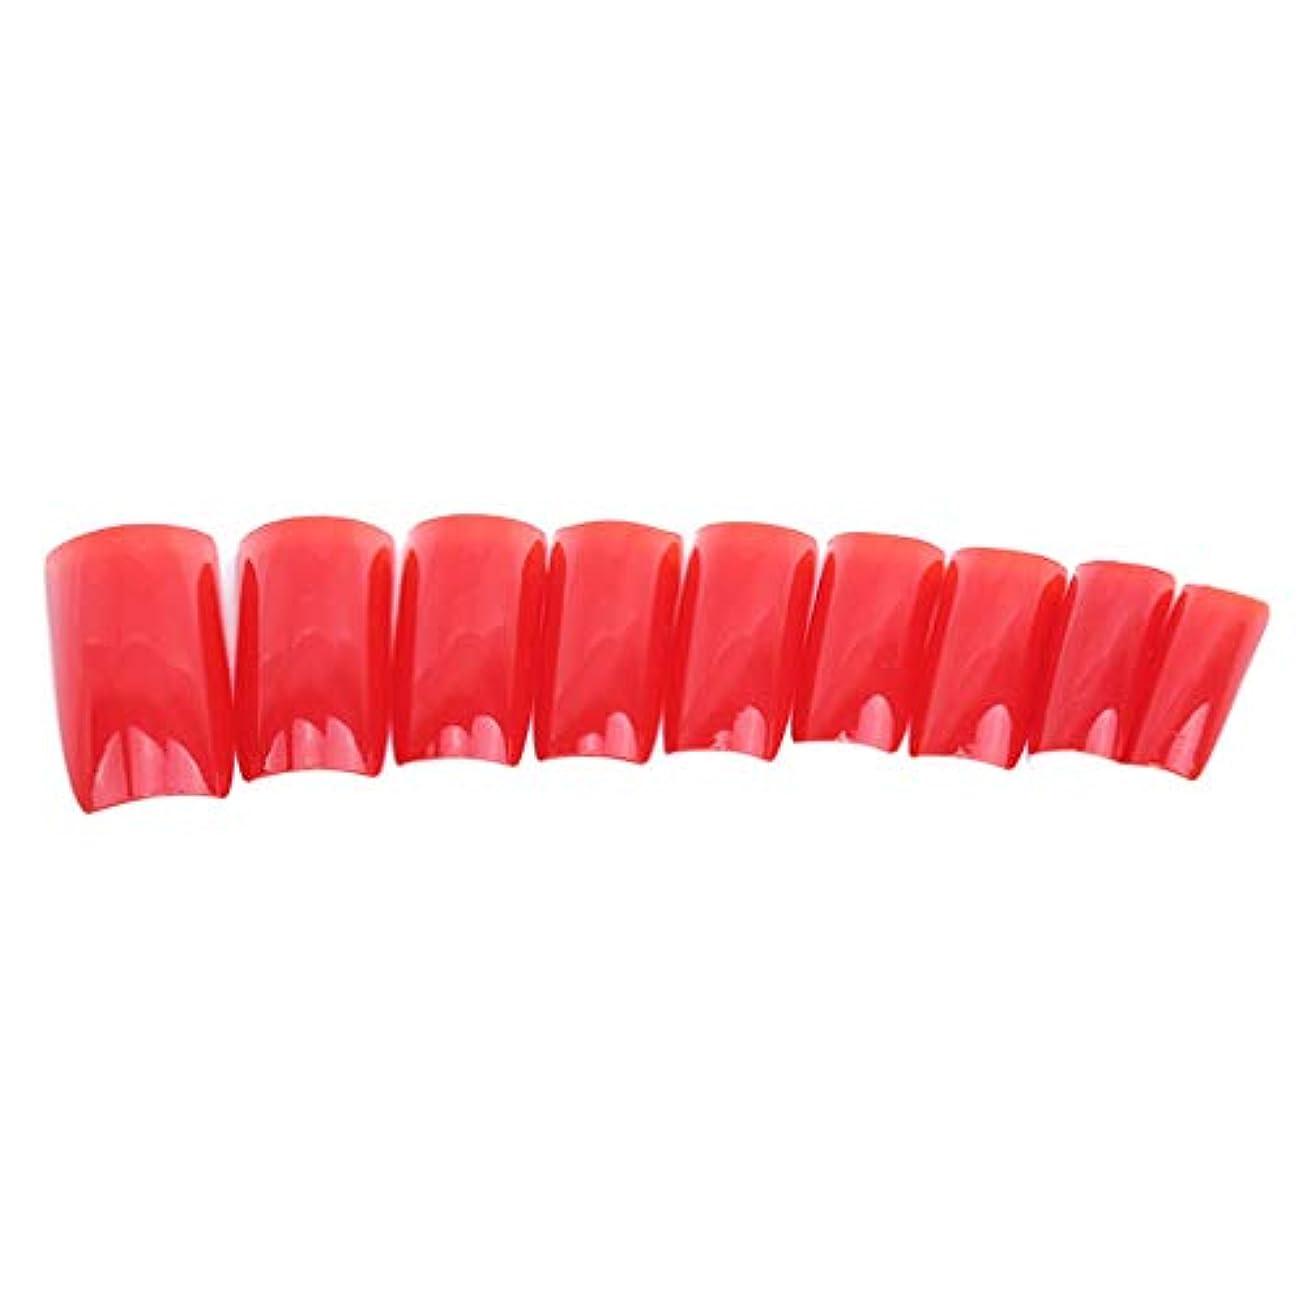 壁教育学から火の色 ネイルチップ ネイルケアツール 短い爪 つけ爪 シンプル ネイルアート 結婚式 パーティー 二次会 赤色